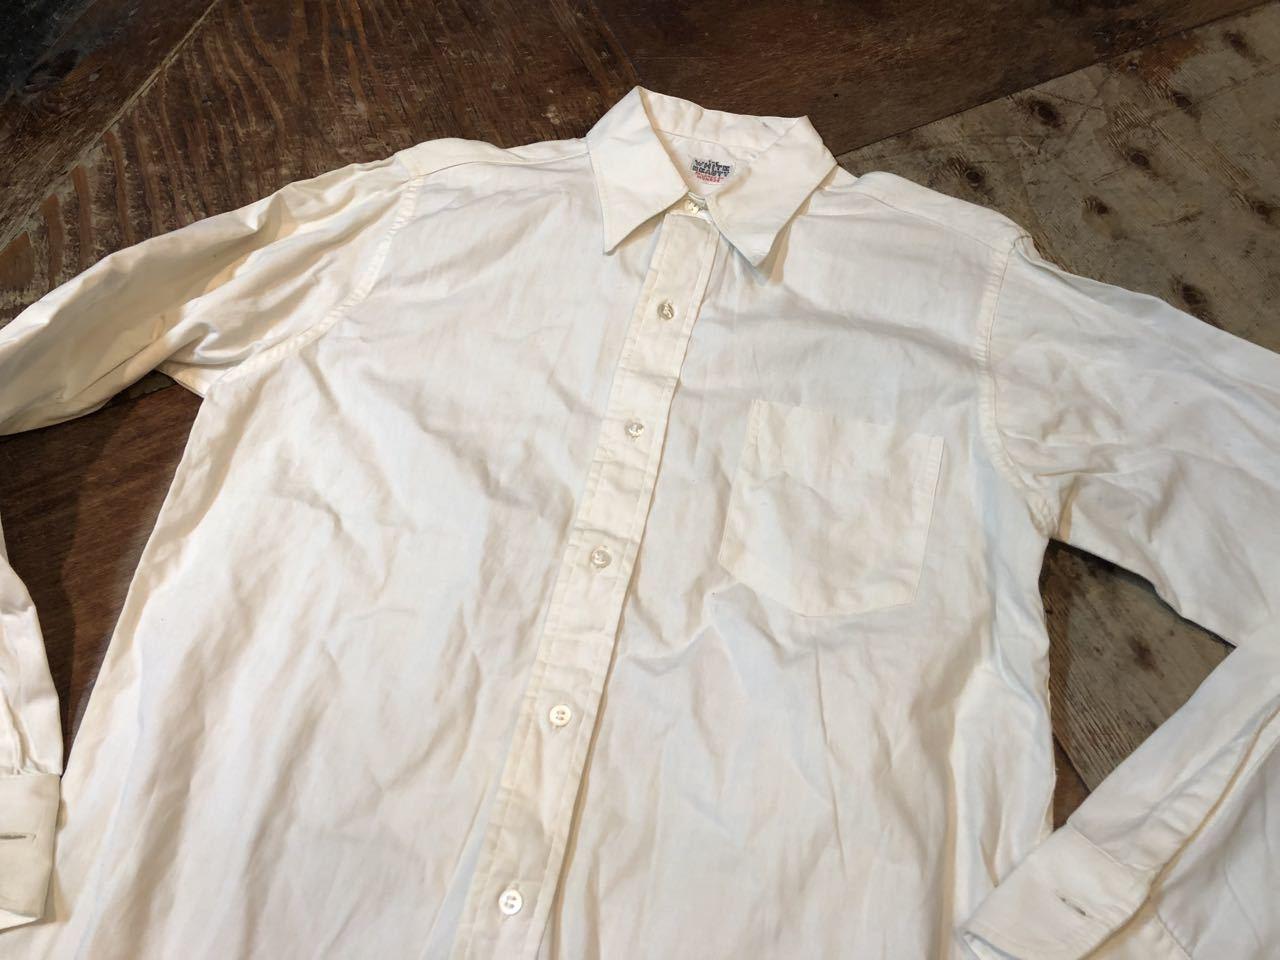 4月30日(火)入荷!40s〜 all cotton マチ付き ブロードクロス シャツ!_c0144020_19334621.jpg